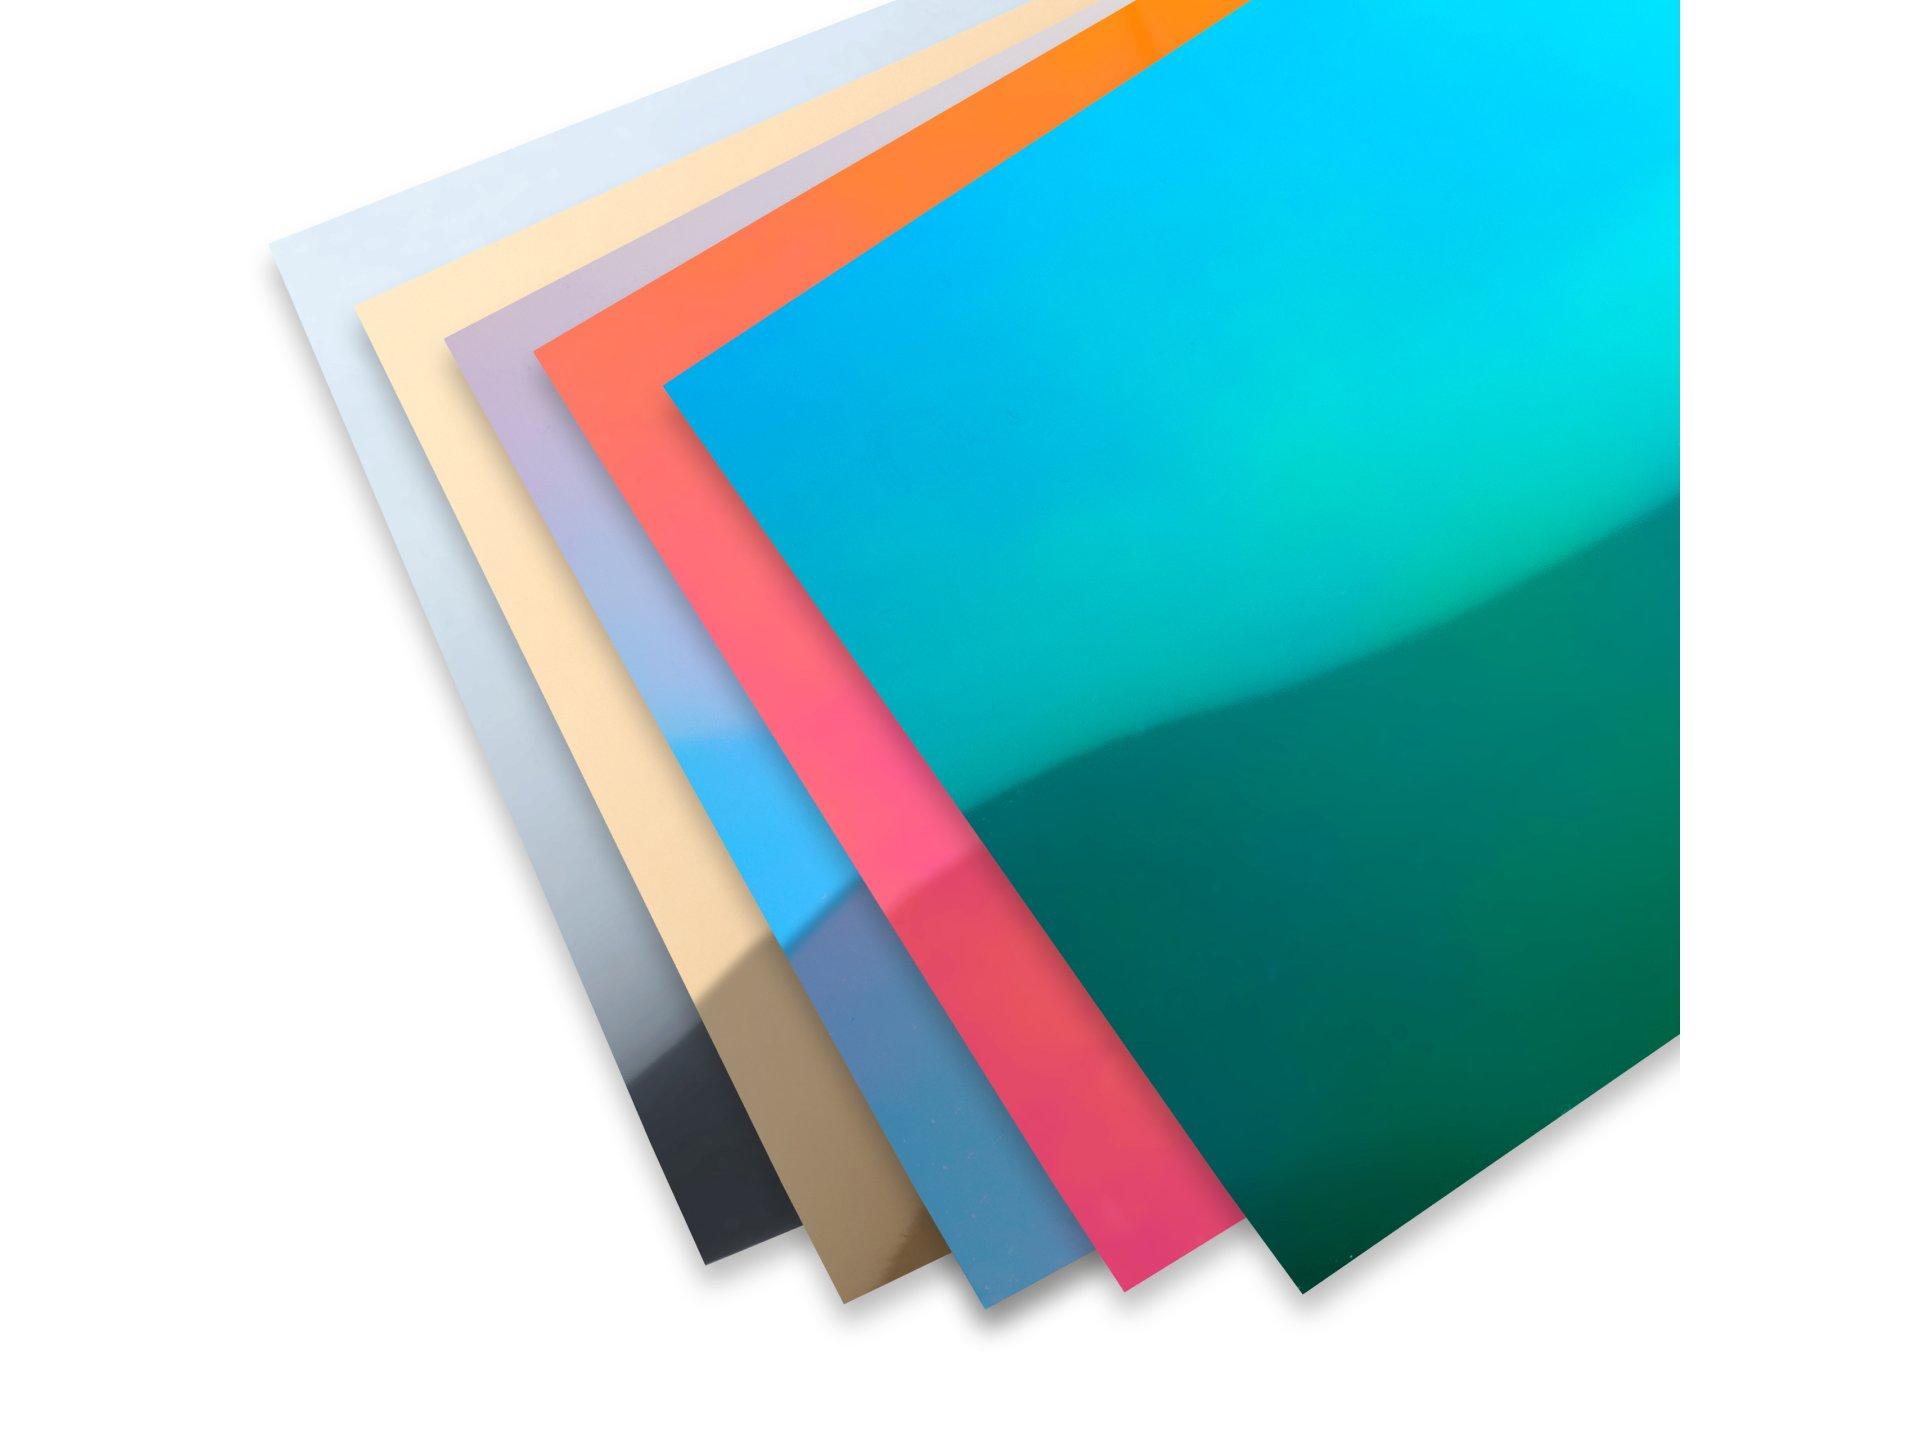 Polystyrol Spiegel, farbig, glatt kaufen | Modulor